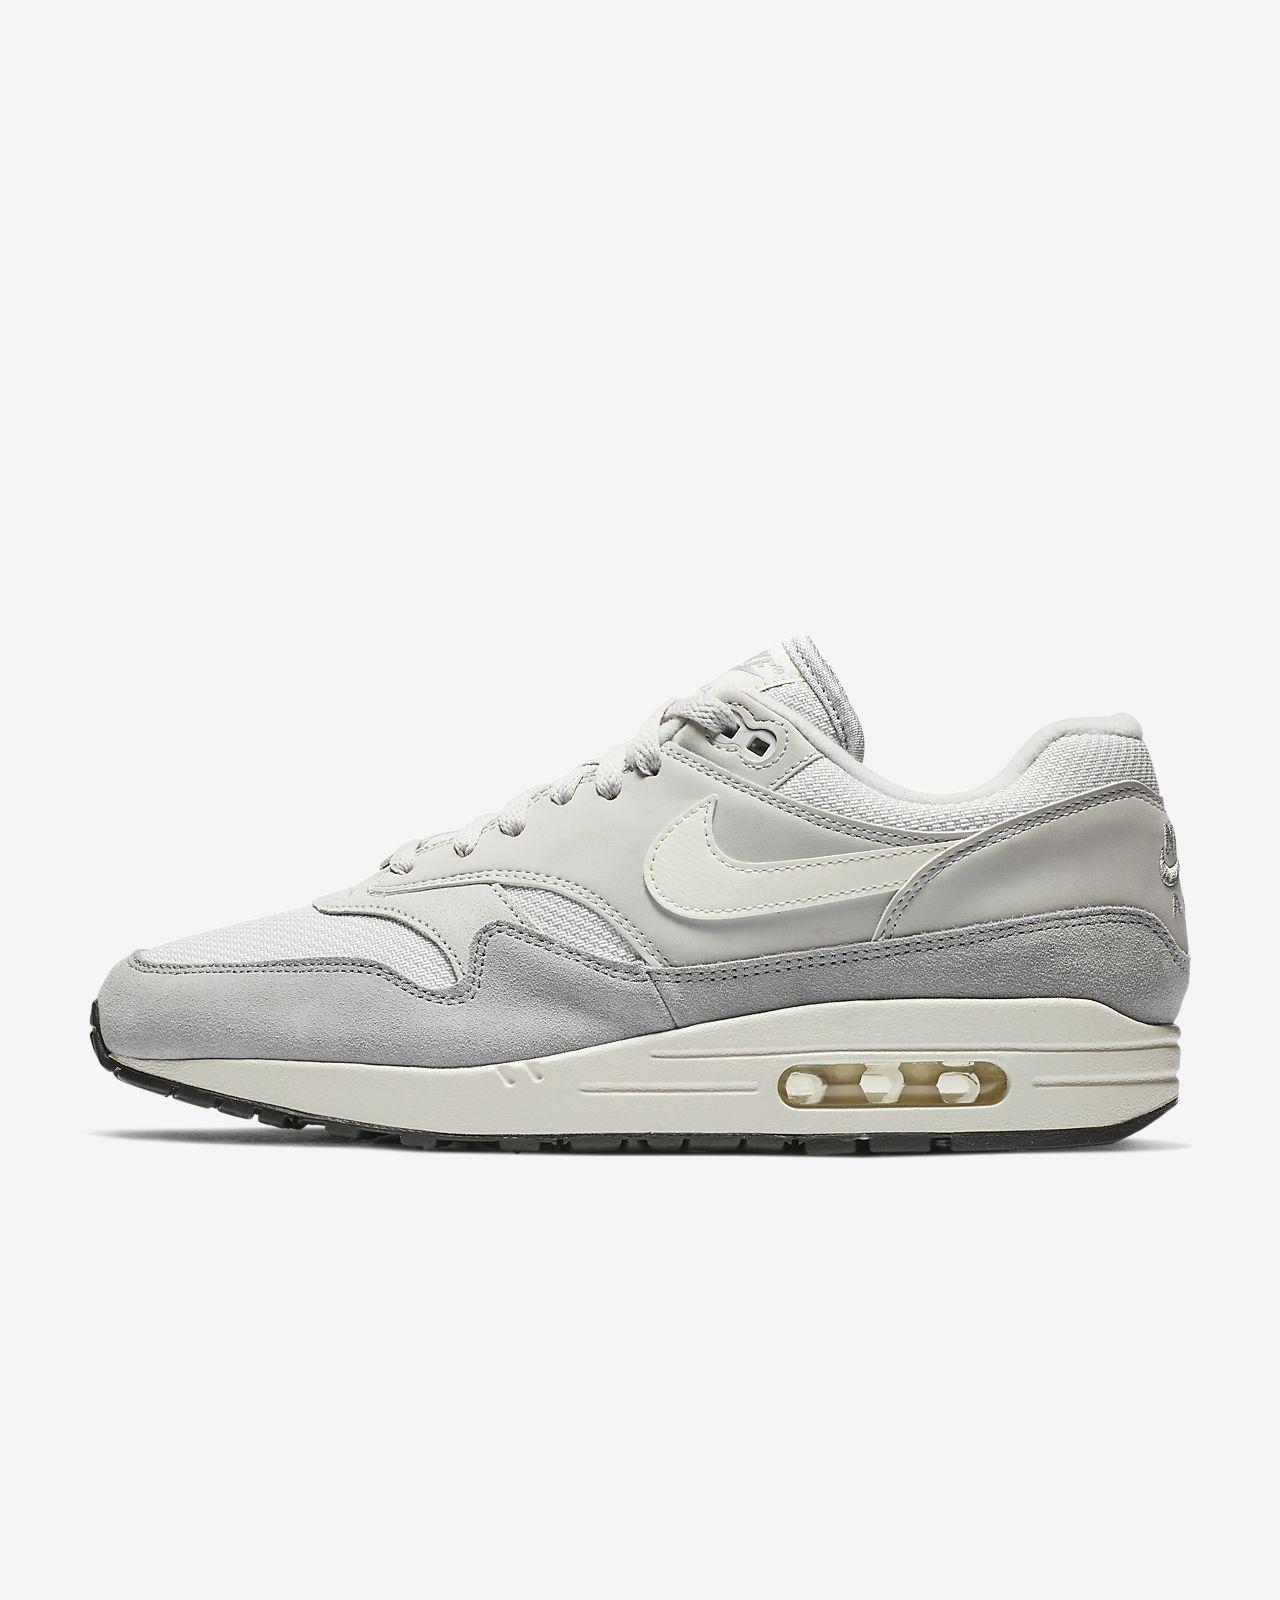 c683e9bb3096e3 Nike Air Max 1 Men s Shoe. Nike.com AT